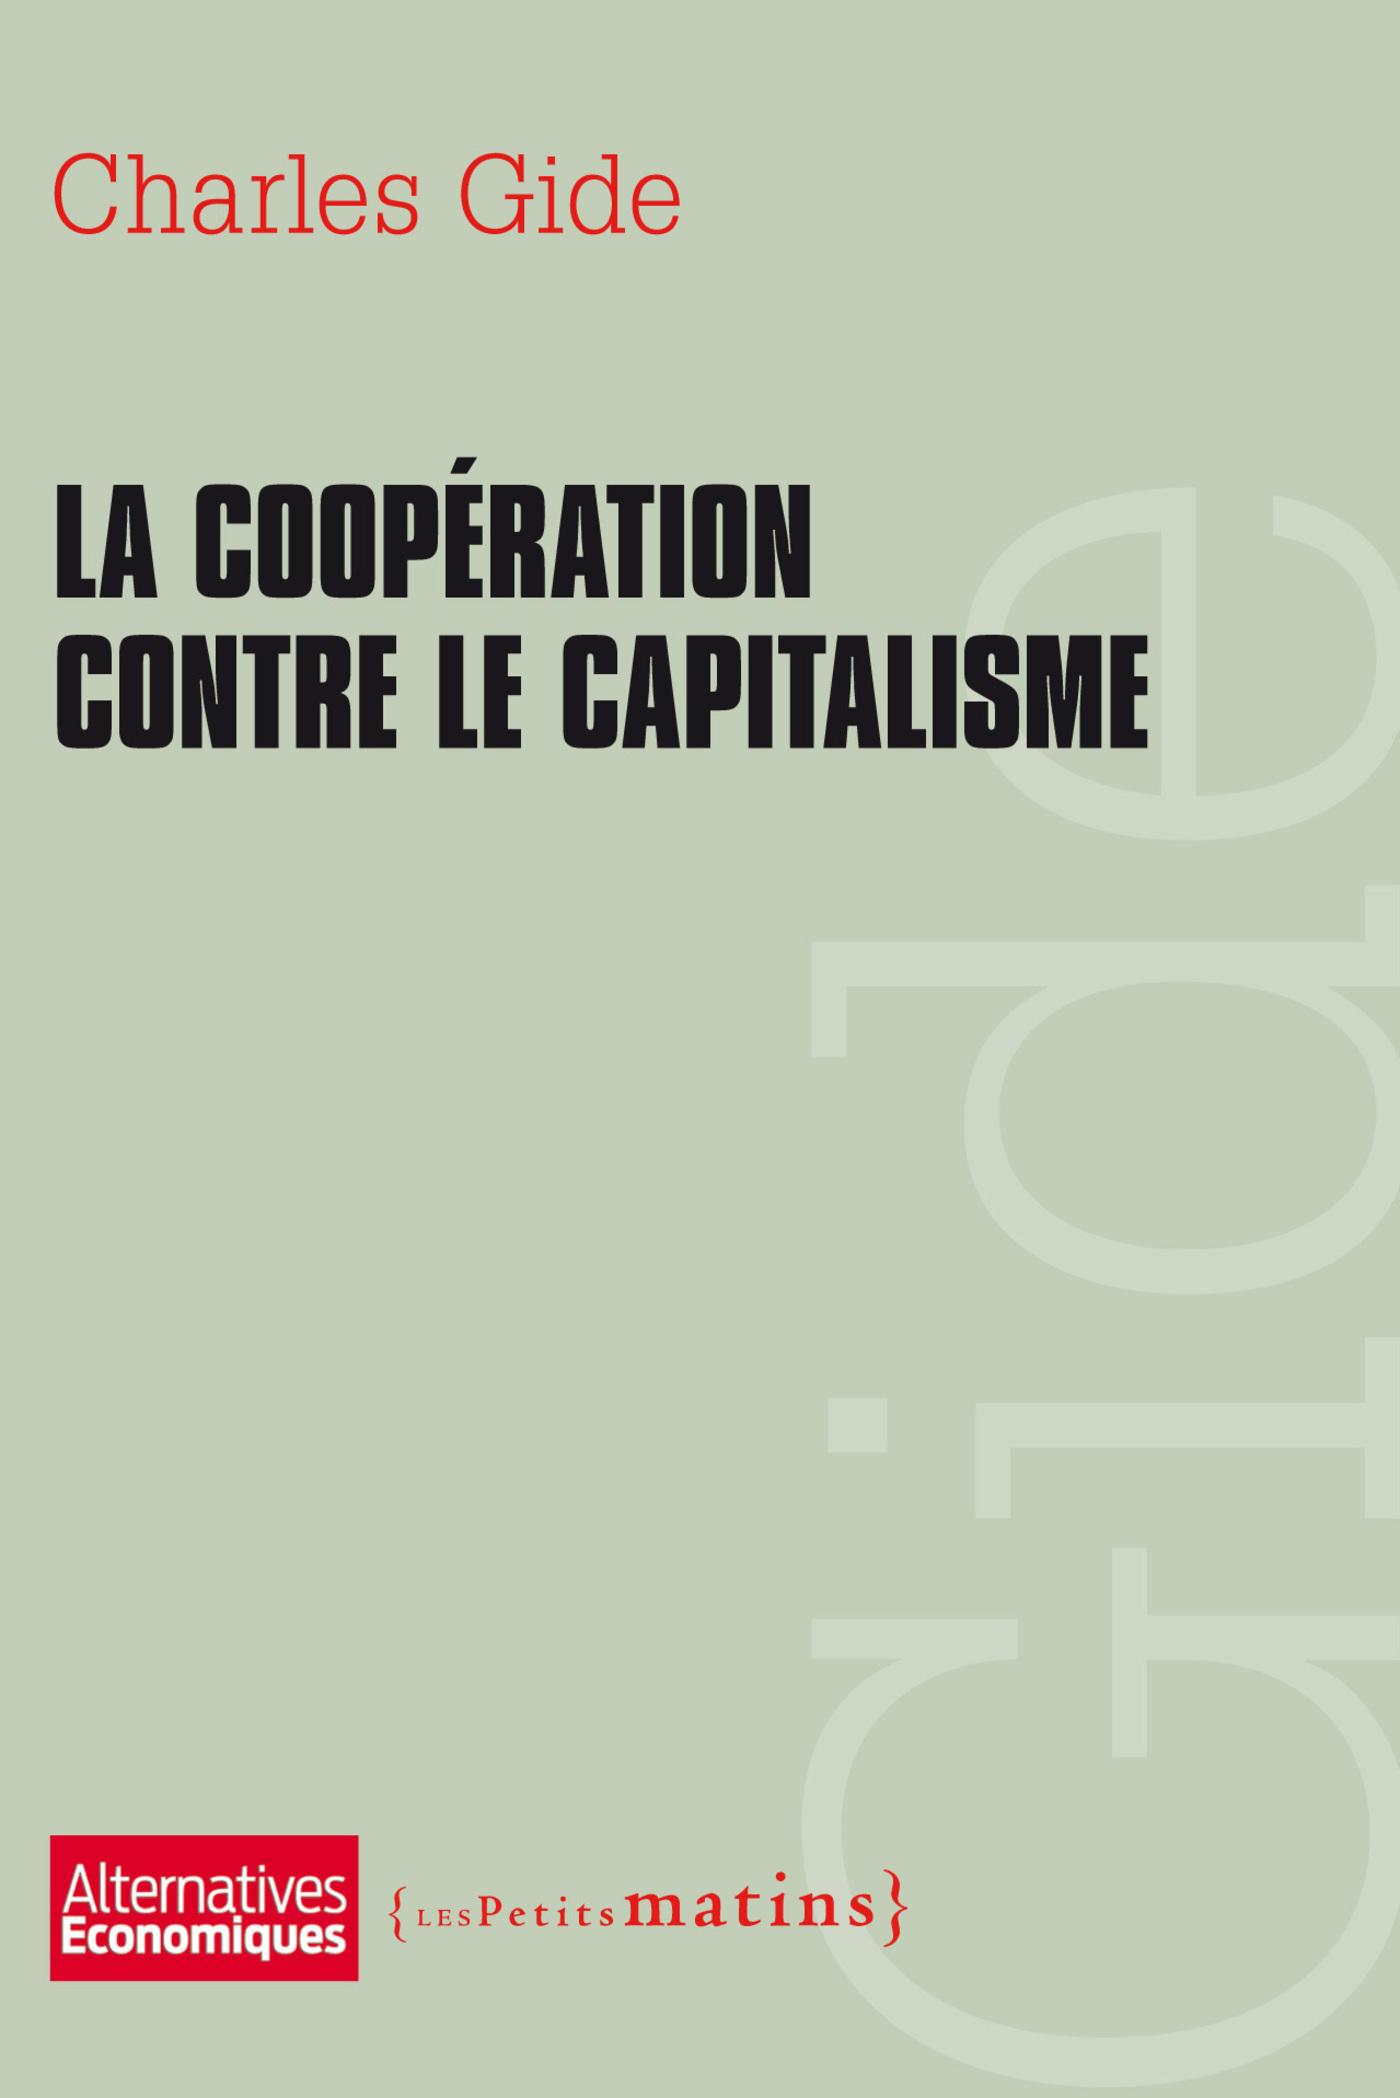 La Coopération contre le capitalisme